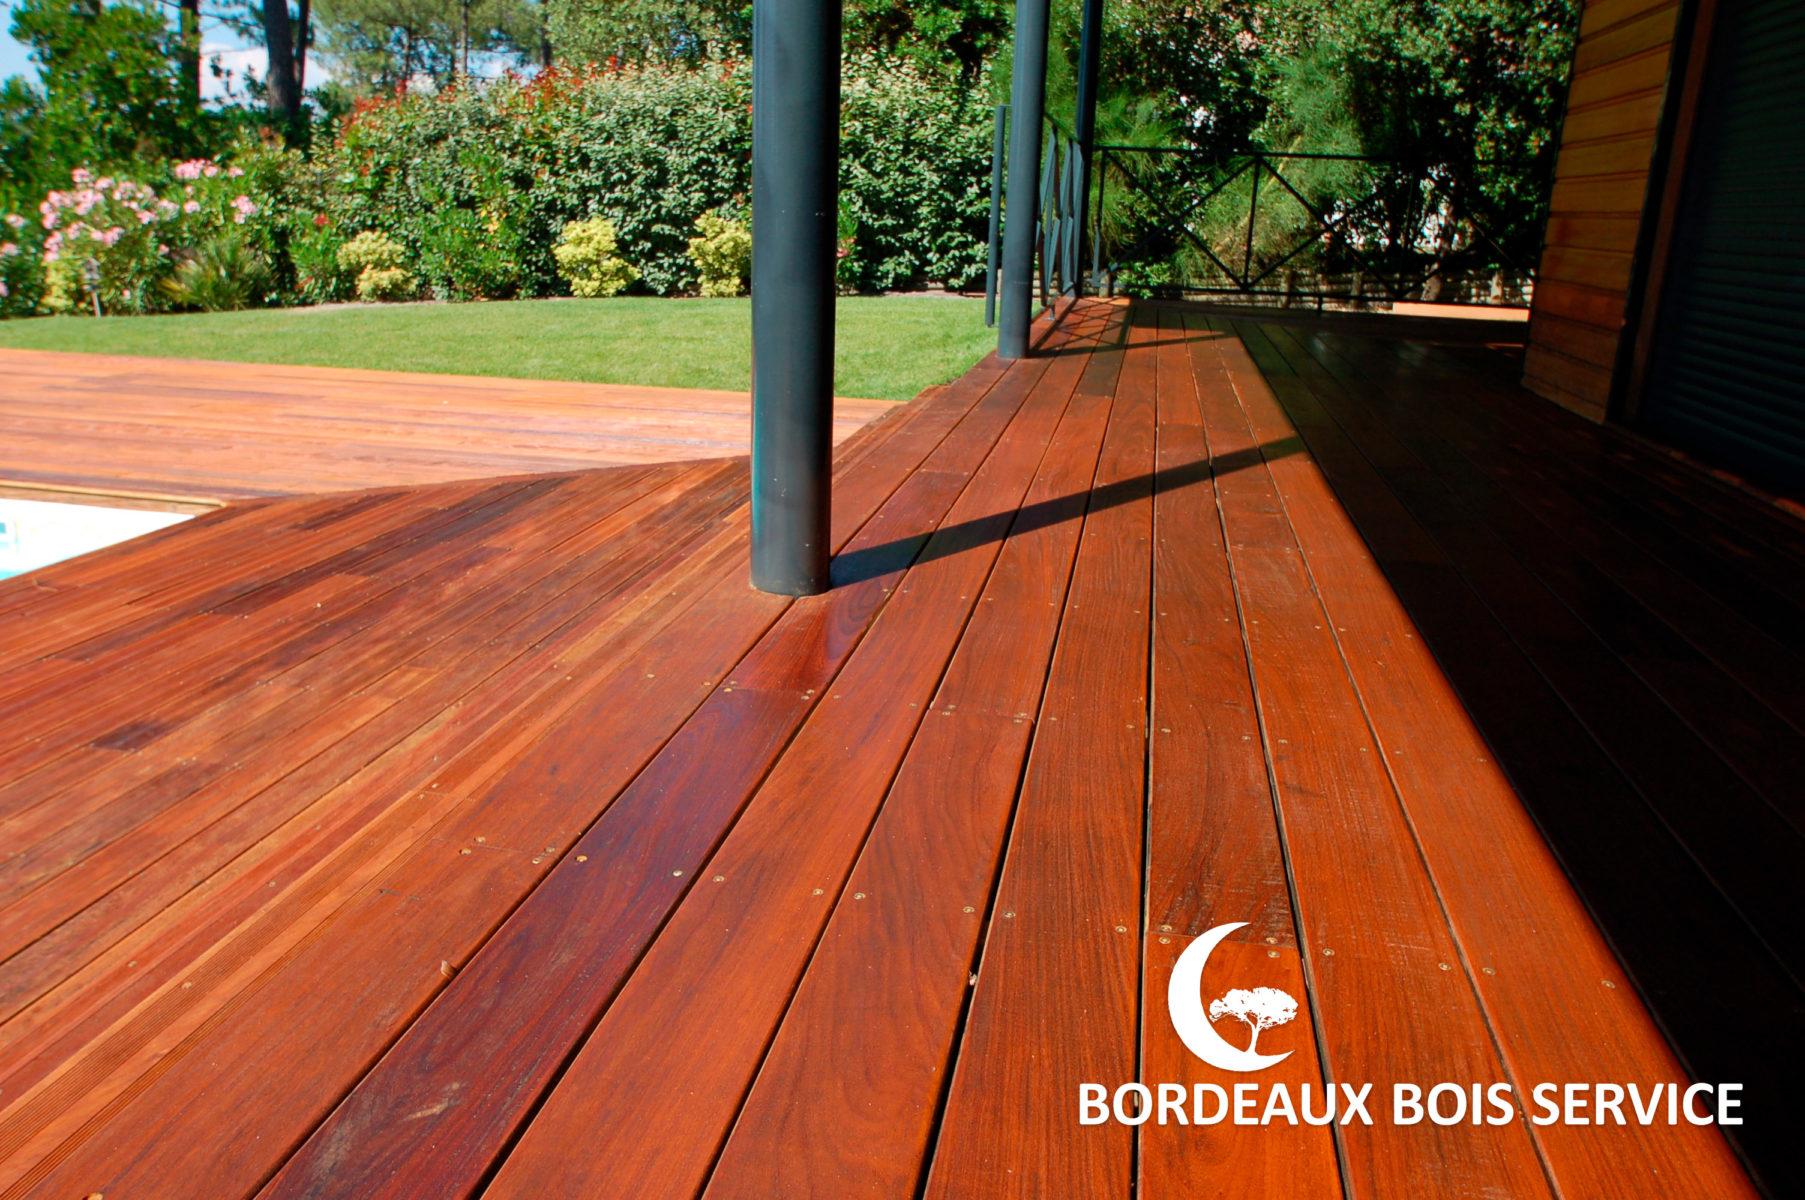 Tasseau Bois Exotique Exterieur bardage bois bordeaux - bordeaux bois service